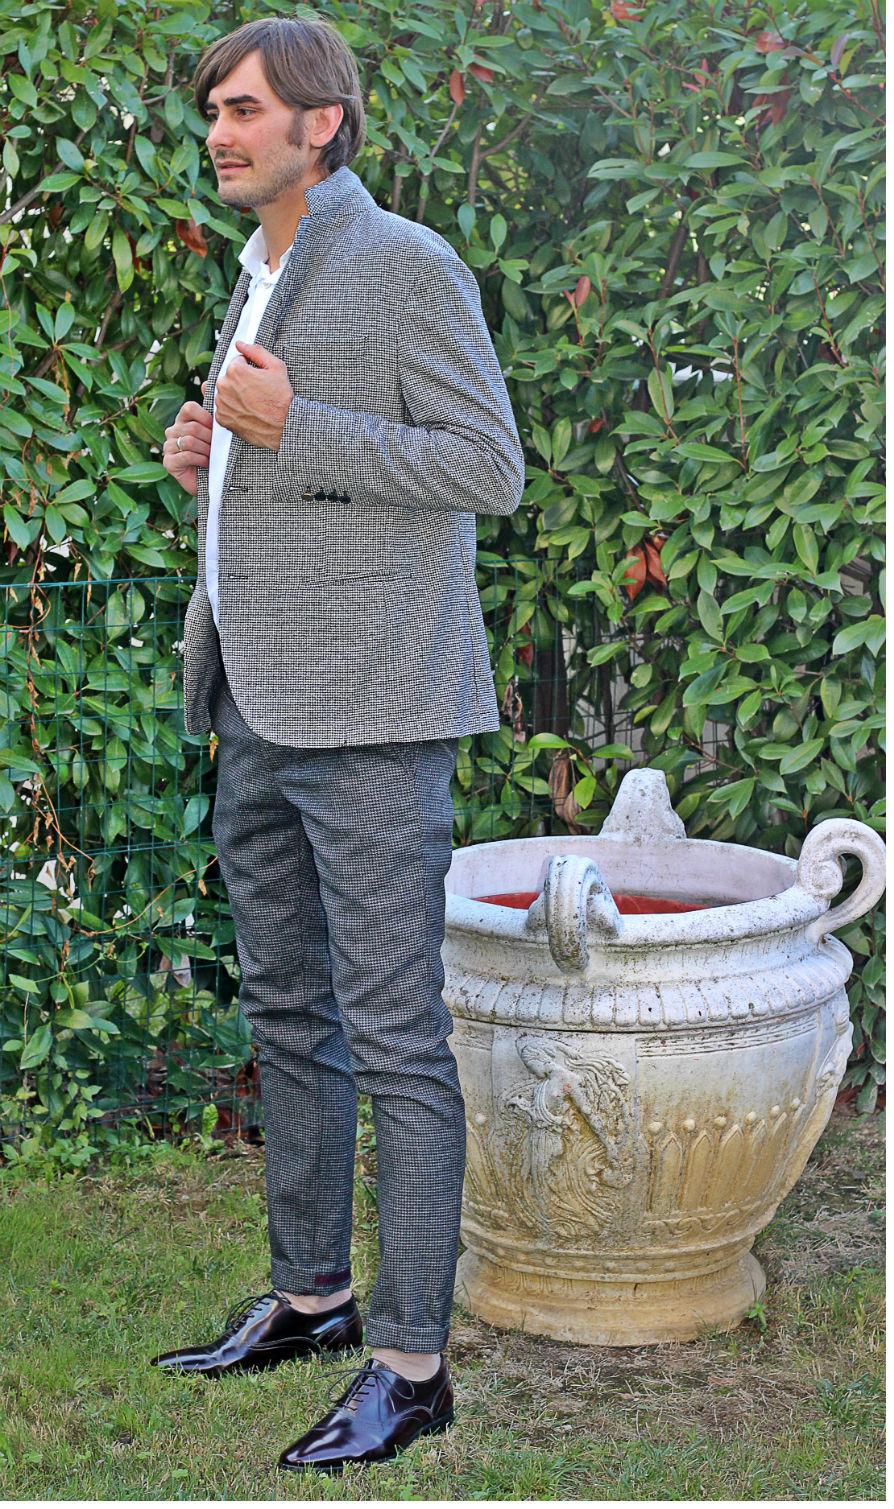 diego masseroni total look myths moda uomo - calzature eleganti deichmann - uomo outfit autunno 2015